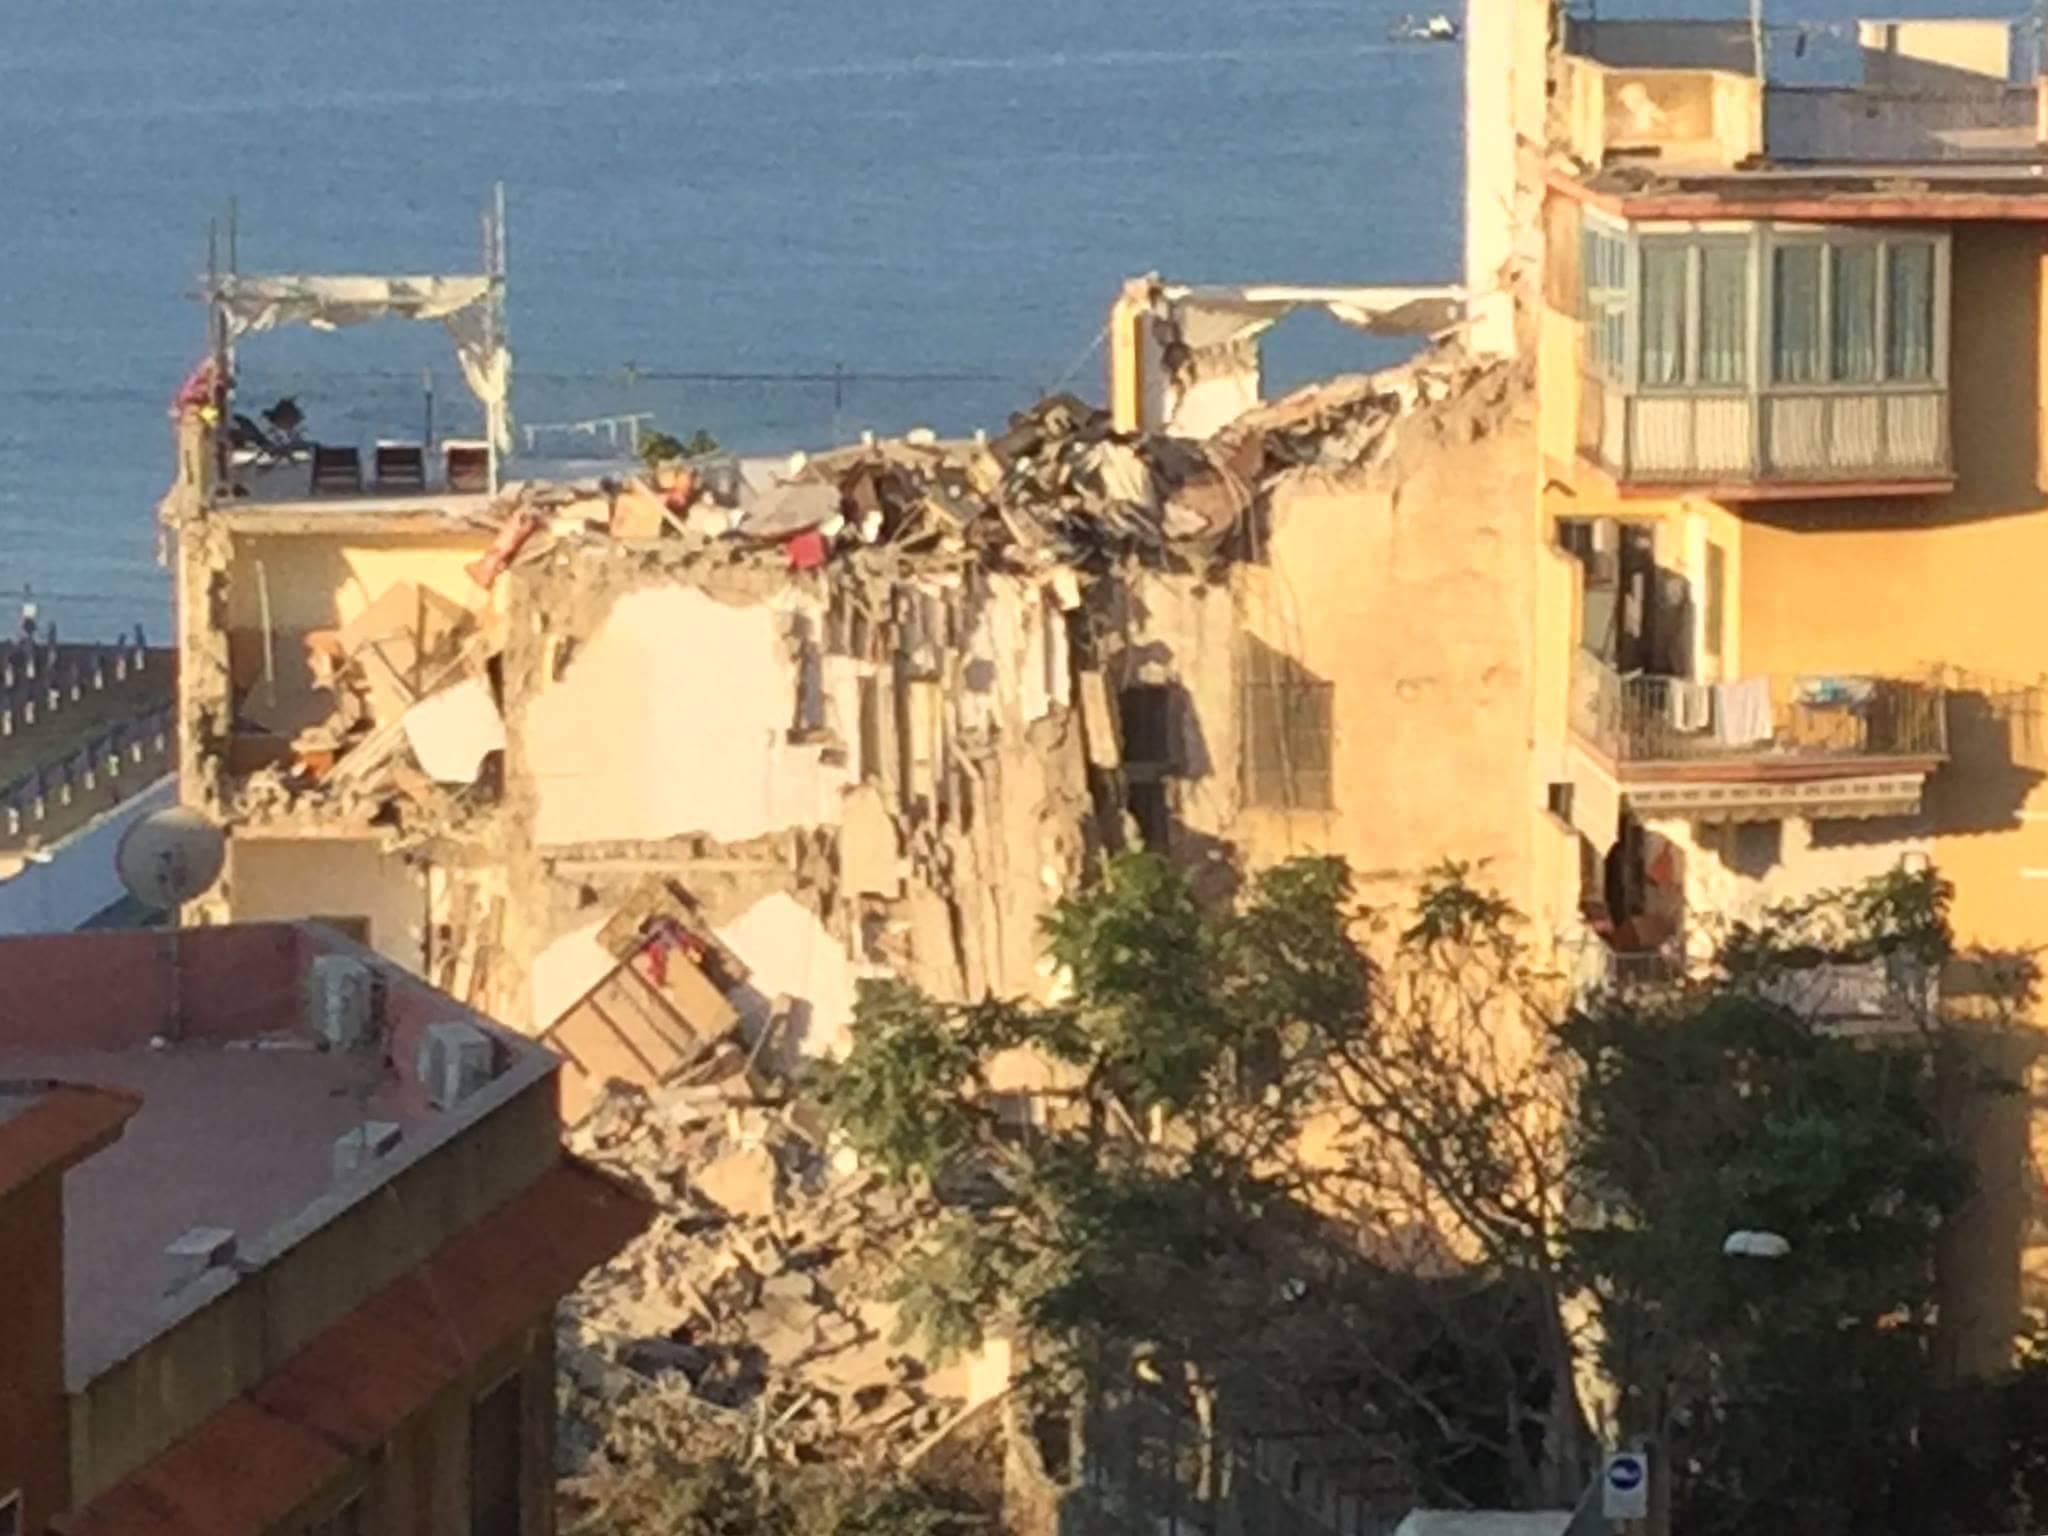 Torre annunziata terrore all 39 alba crolla palazzo di 4 piani for Palazzo a 4 piani